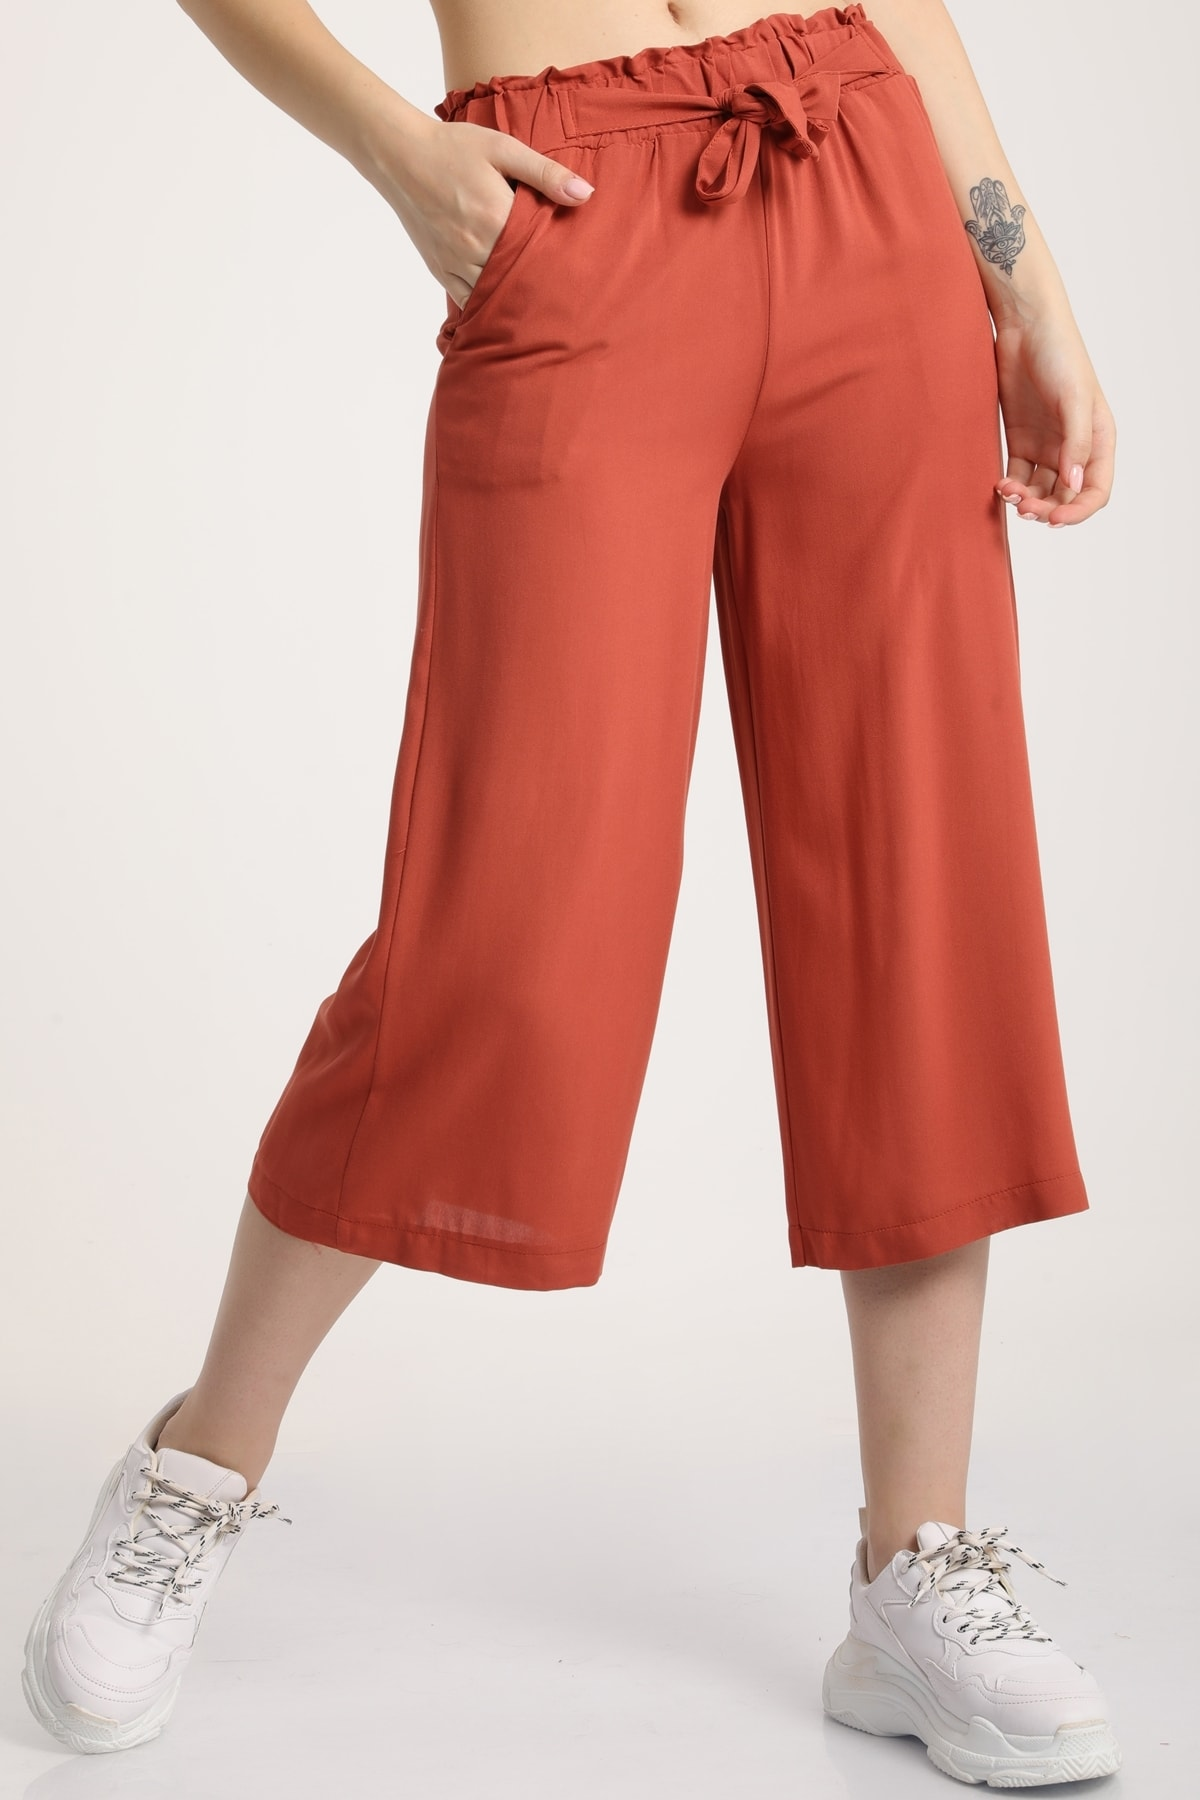 MD trend Kadın Taba Bel Lastikli Bağlamalı Kısa Pantolon Mdt5979 1